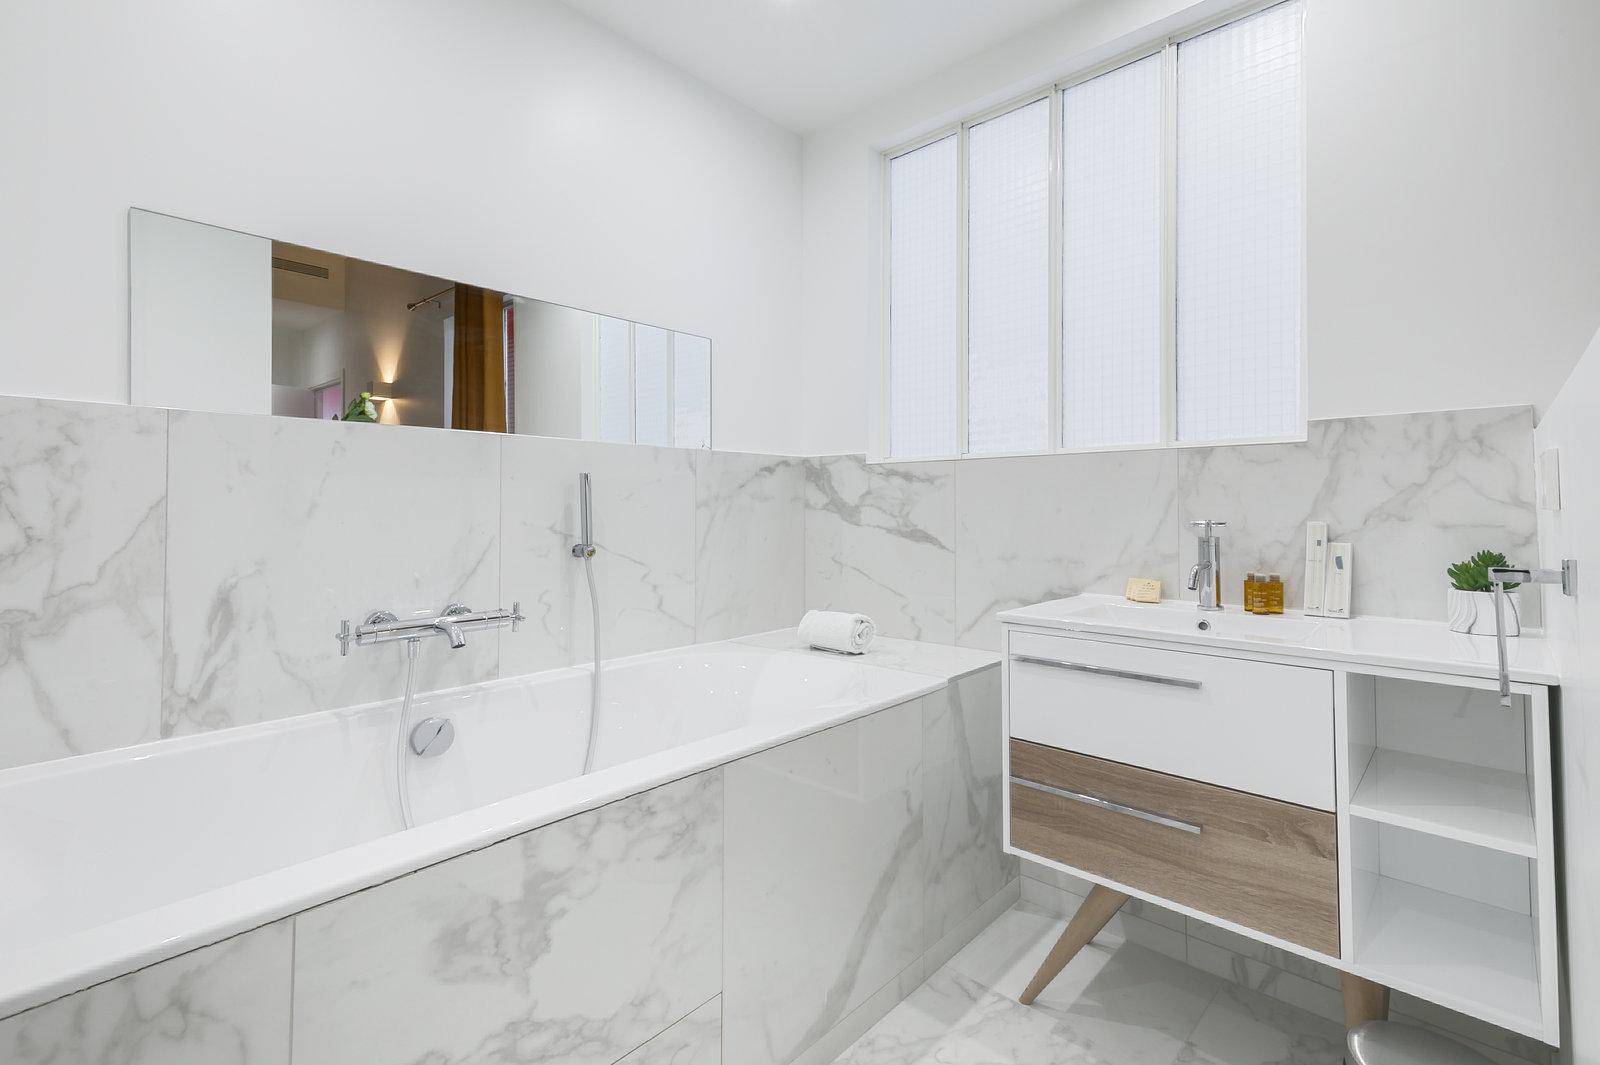 Salle de bain tout en marbre blanc. Un meuble blanc et bois avec une vasque simple est disposé à gauche de la baignoire.